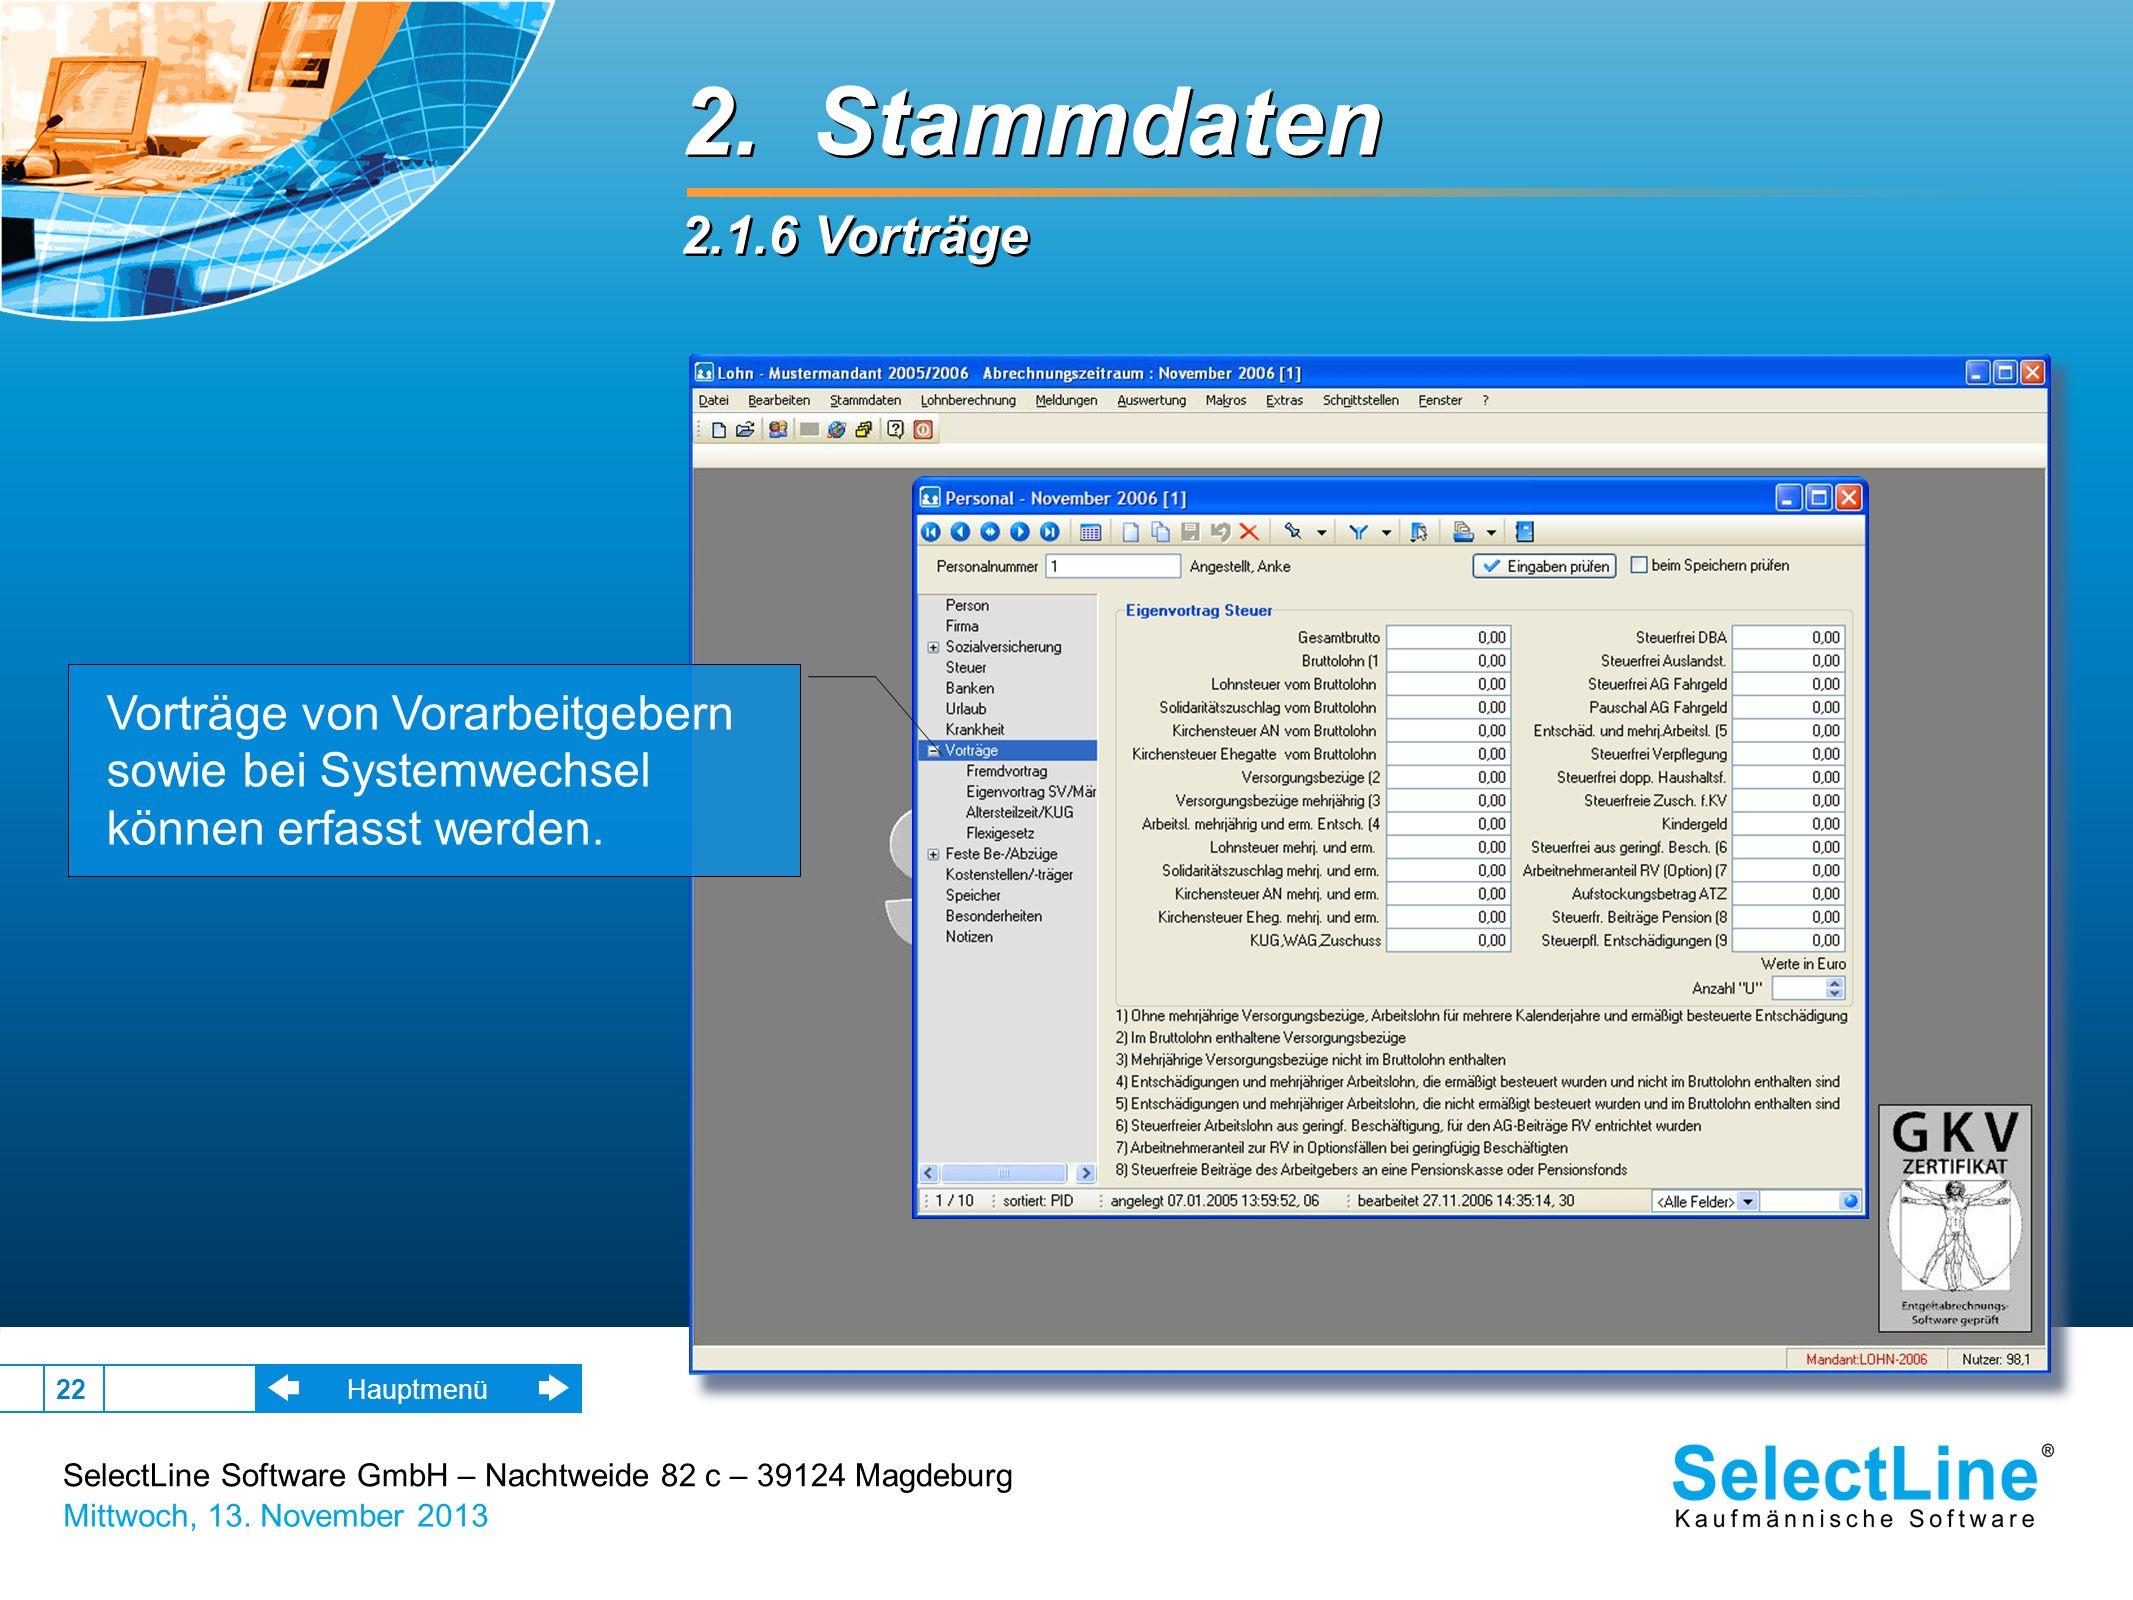 SelectLine Software GmbH – Nachtweide 82 c – 39124 Magdeburg Mittwoch, 13. November 2013 22 2. Stammdaten 2.1.6 Vorträge 2. Stammdaten 2.1.6 Vorträge